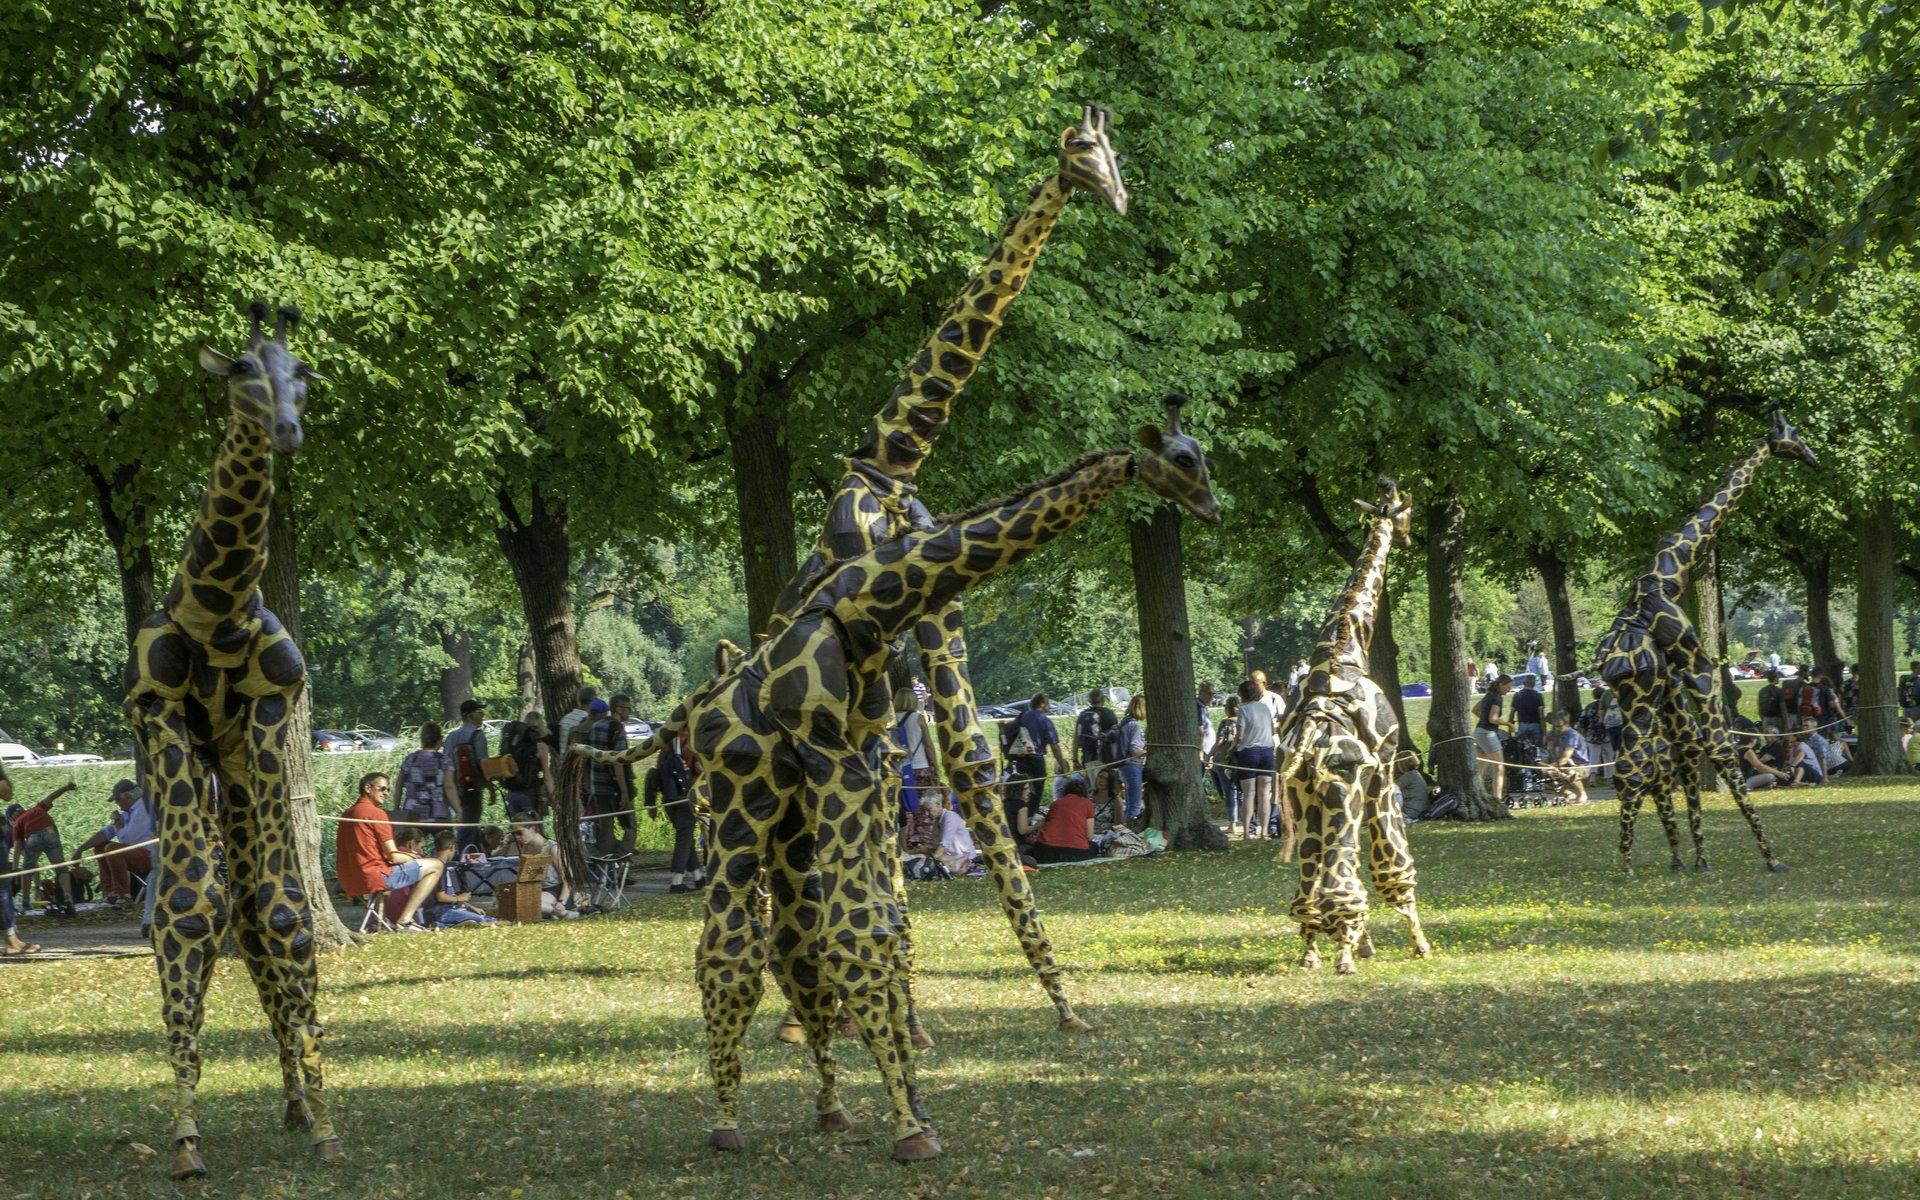 Giraffen von Teatro Pavana